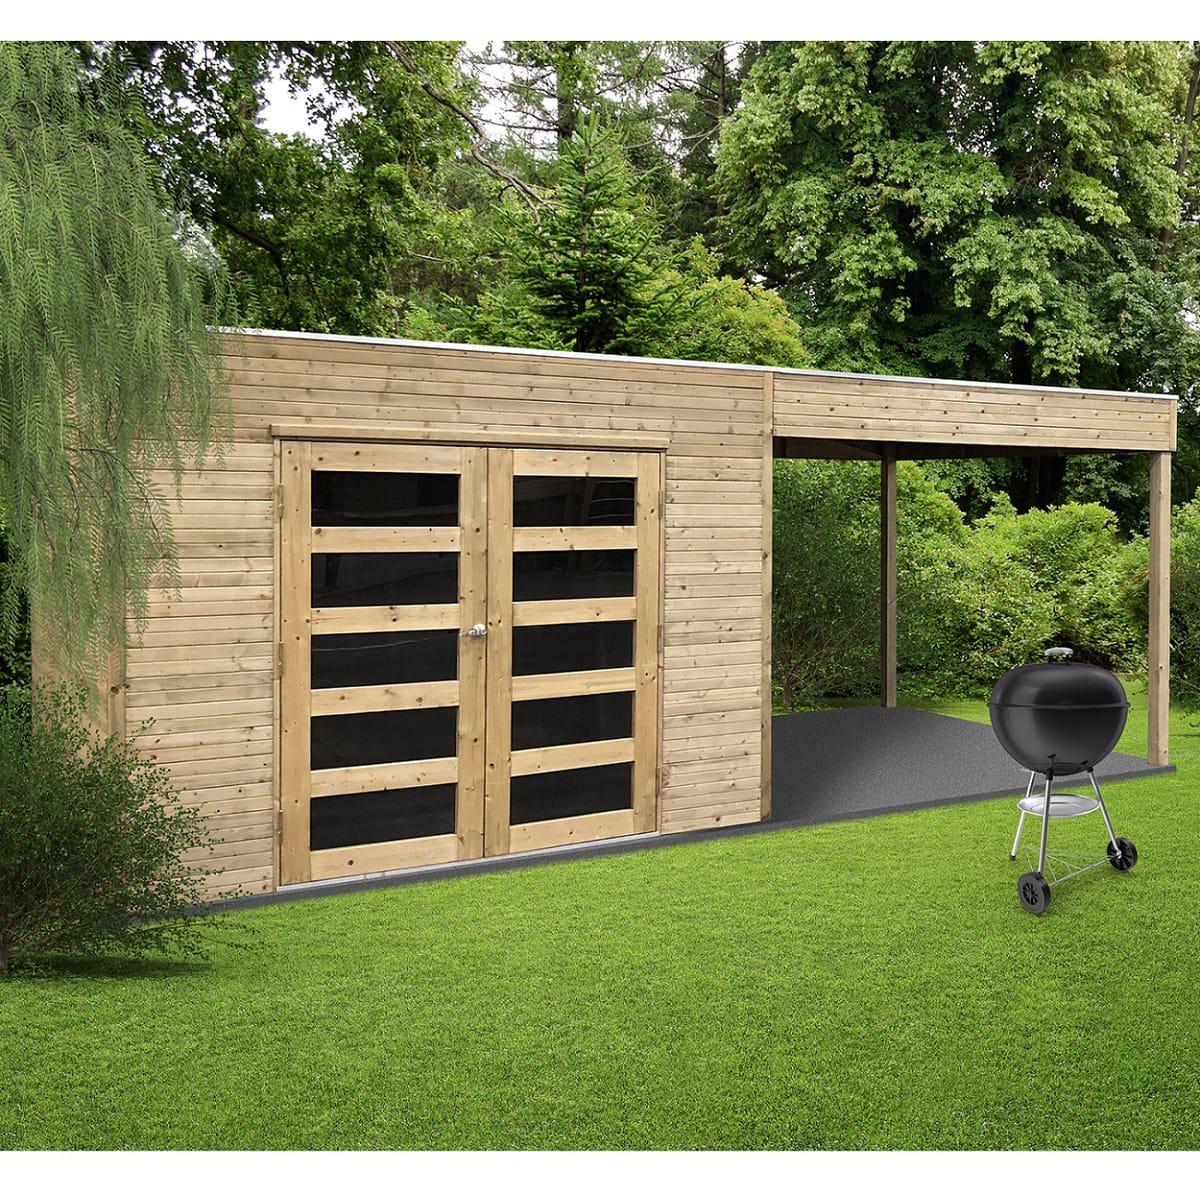 Vente Abri Jardin - Tritoo Maison Et Jardin concernant Auchan Abri De Jardin